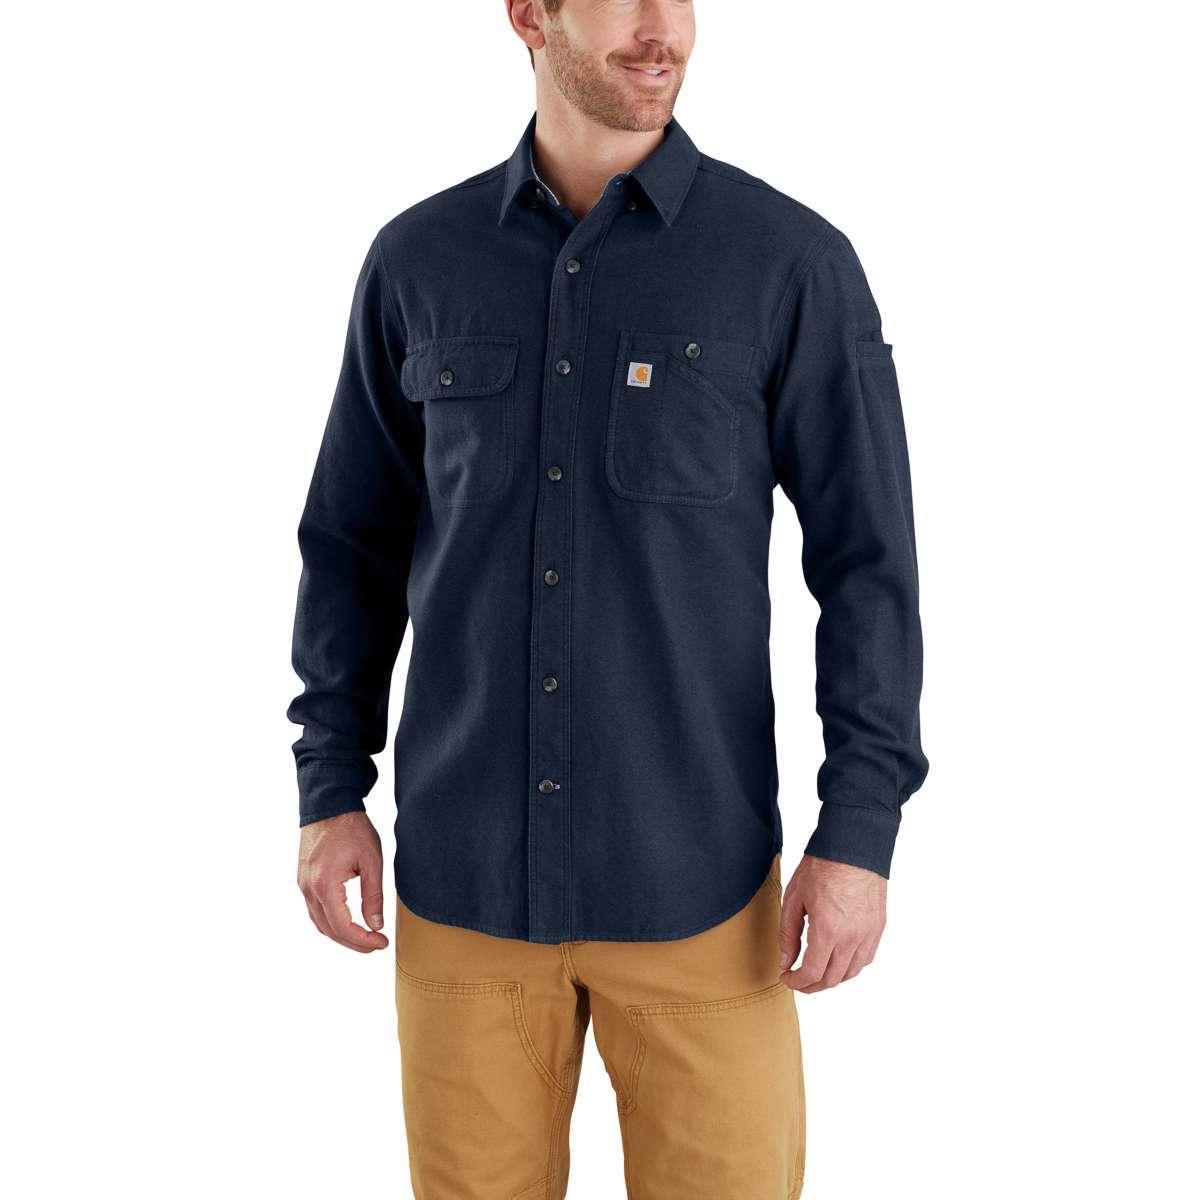 Carhartt Men's Beartooth Long-Sleeve Flannel Shirt - Blue, M